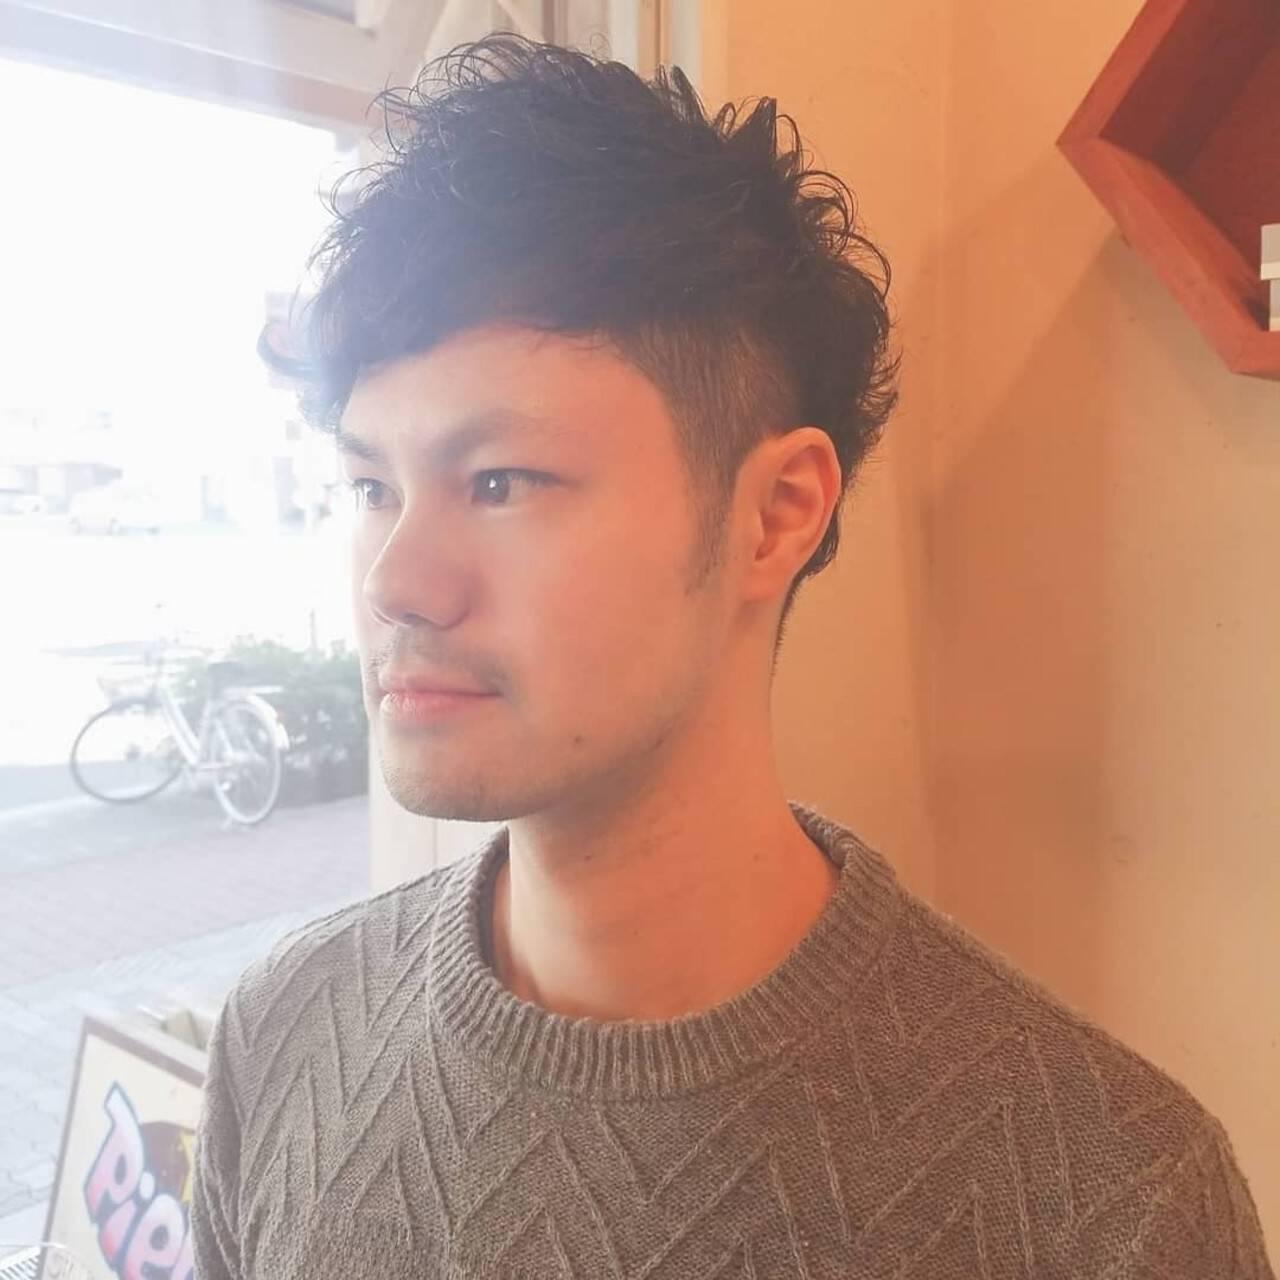 ウェットヘア メンズパーマ メンズカット ナチュラルヘアスタイルや髪型の写真・画像